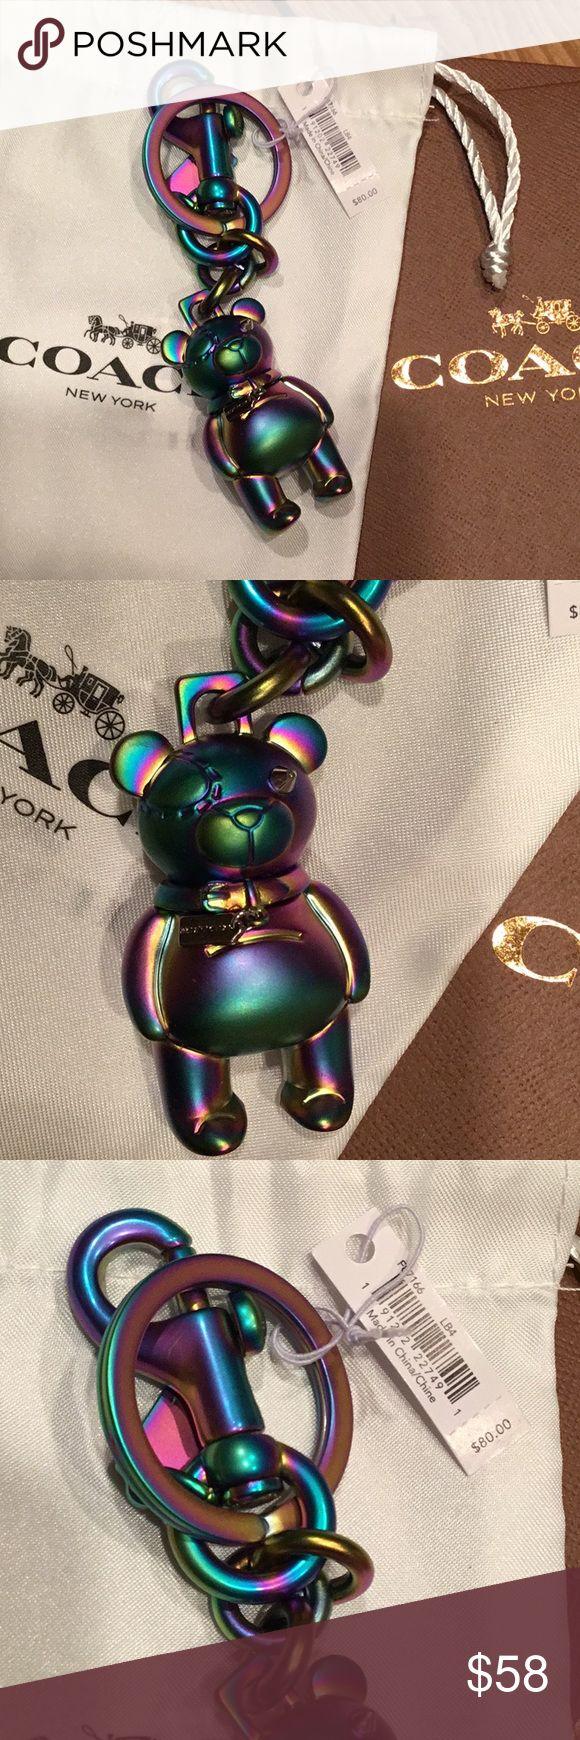 Coach keychain Adorable iridescent 3D Coach teddy bear key fob keychain Coach Accessories Key & Card Holders